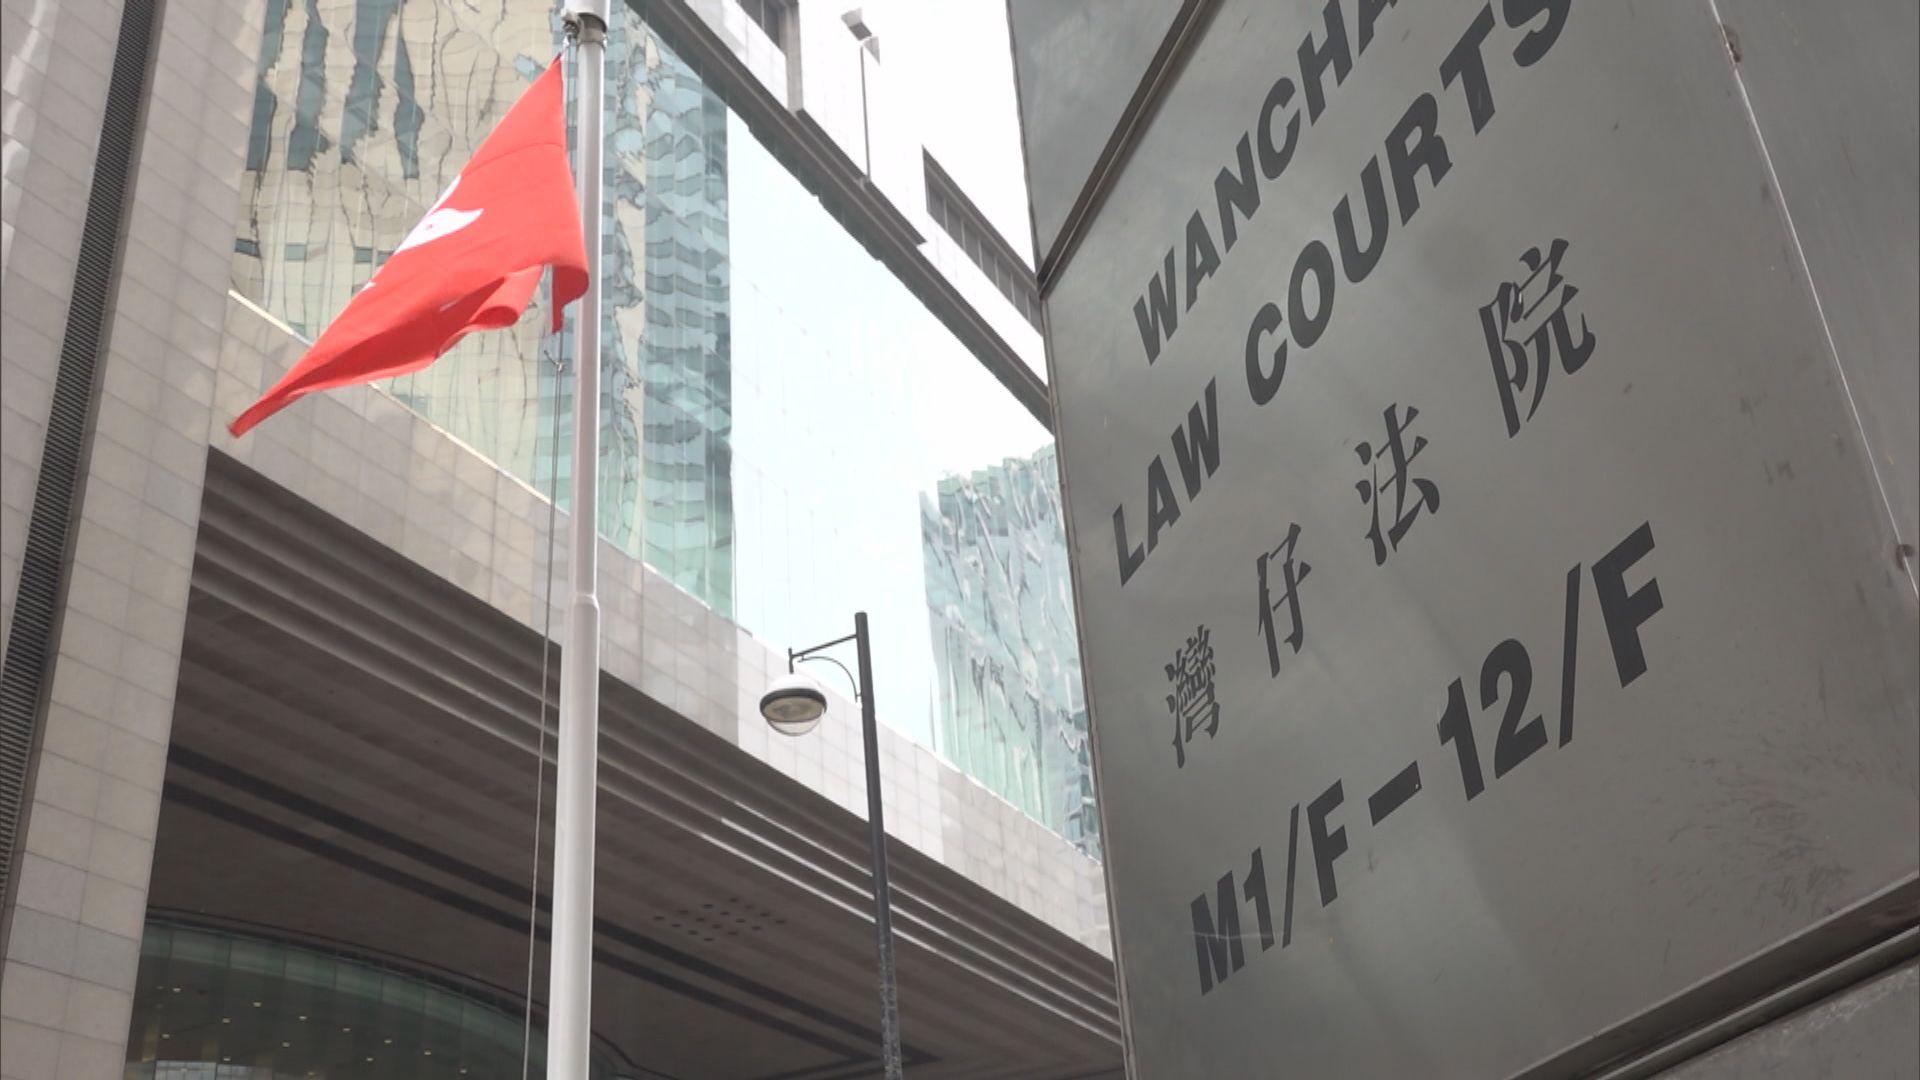 練錦鴻要求戴黃口罩者離庭 司法機構:不評論個別個案